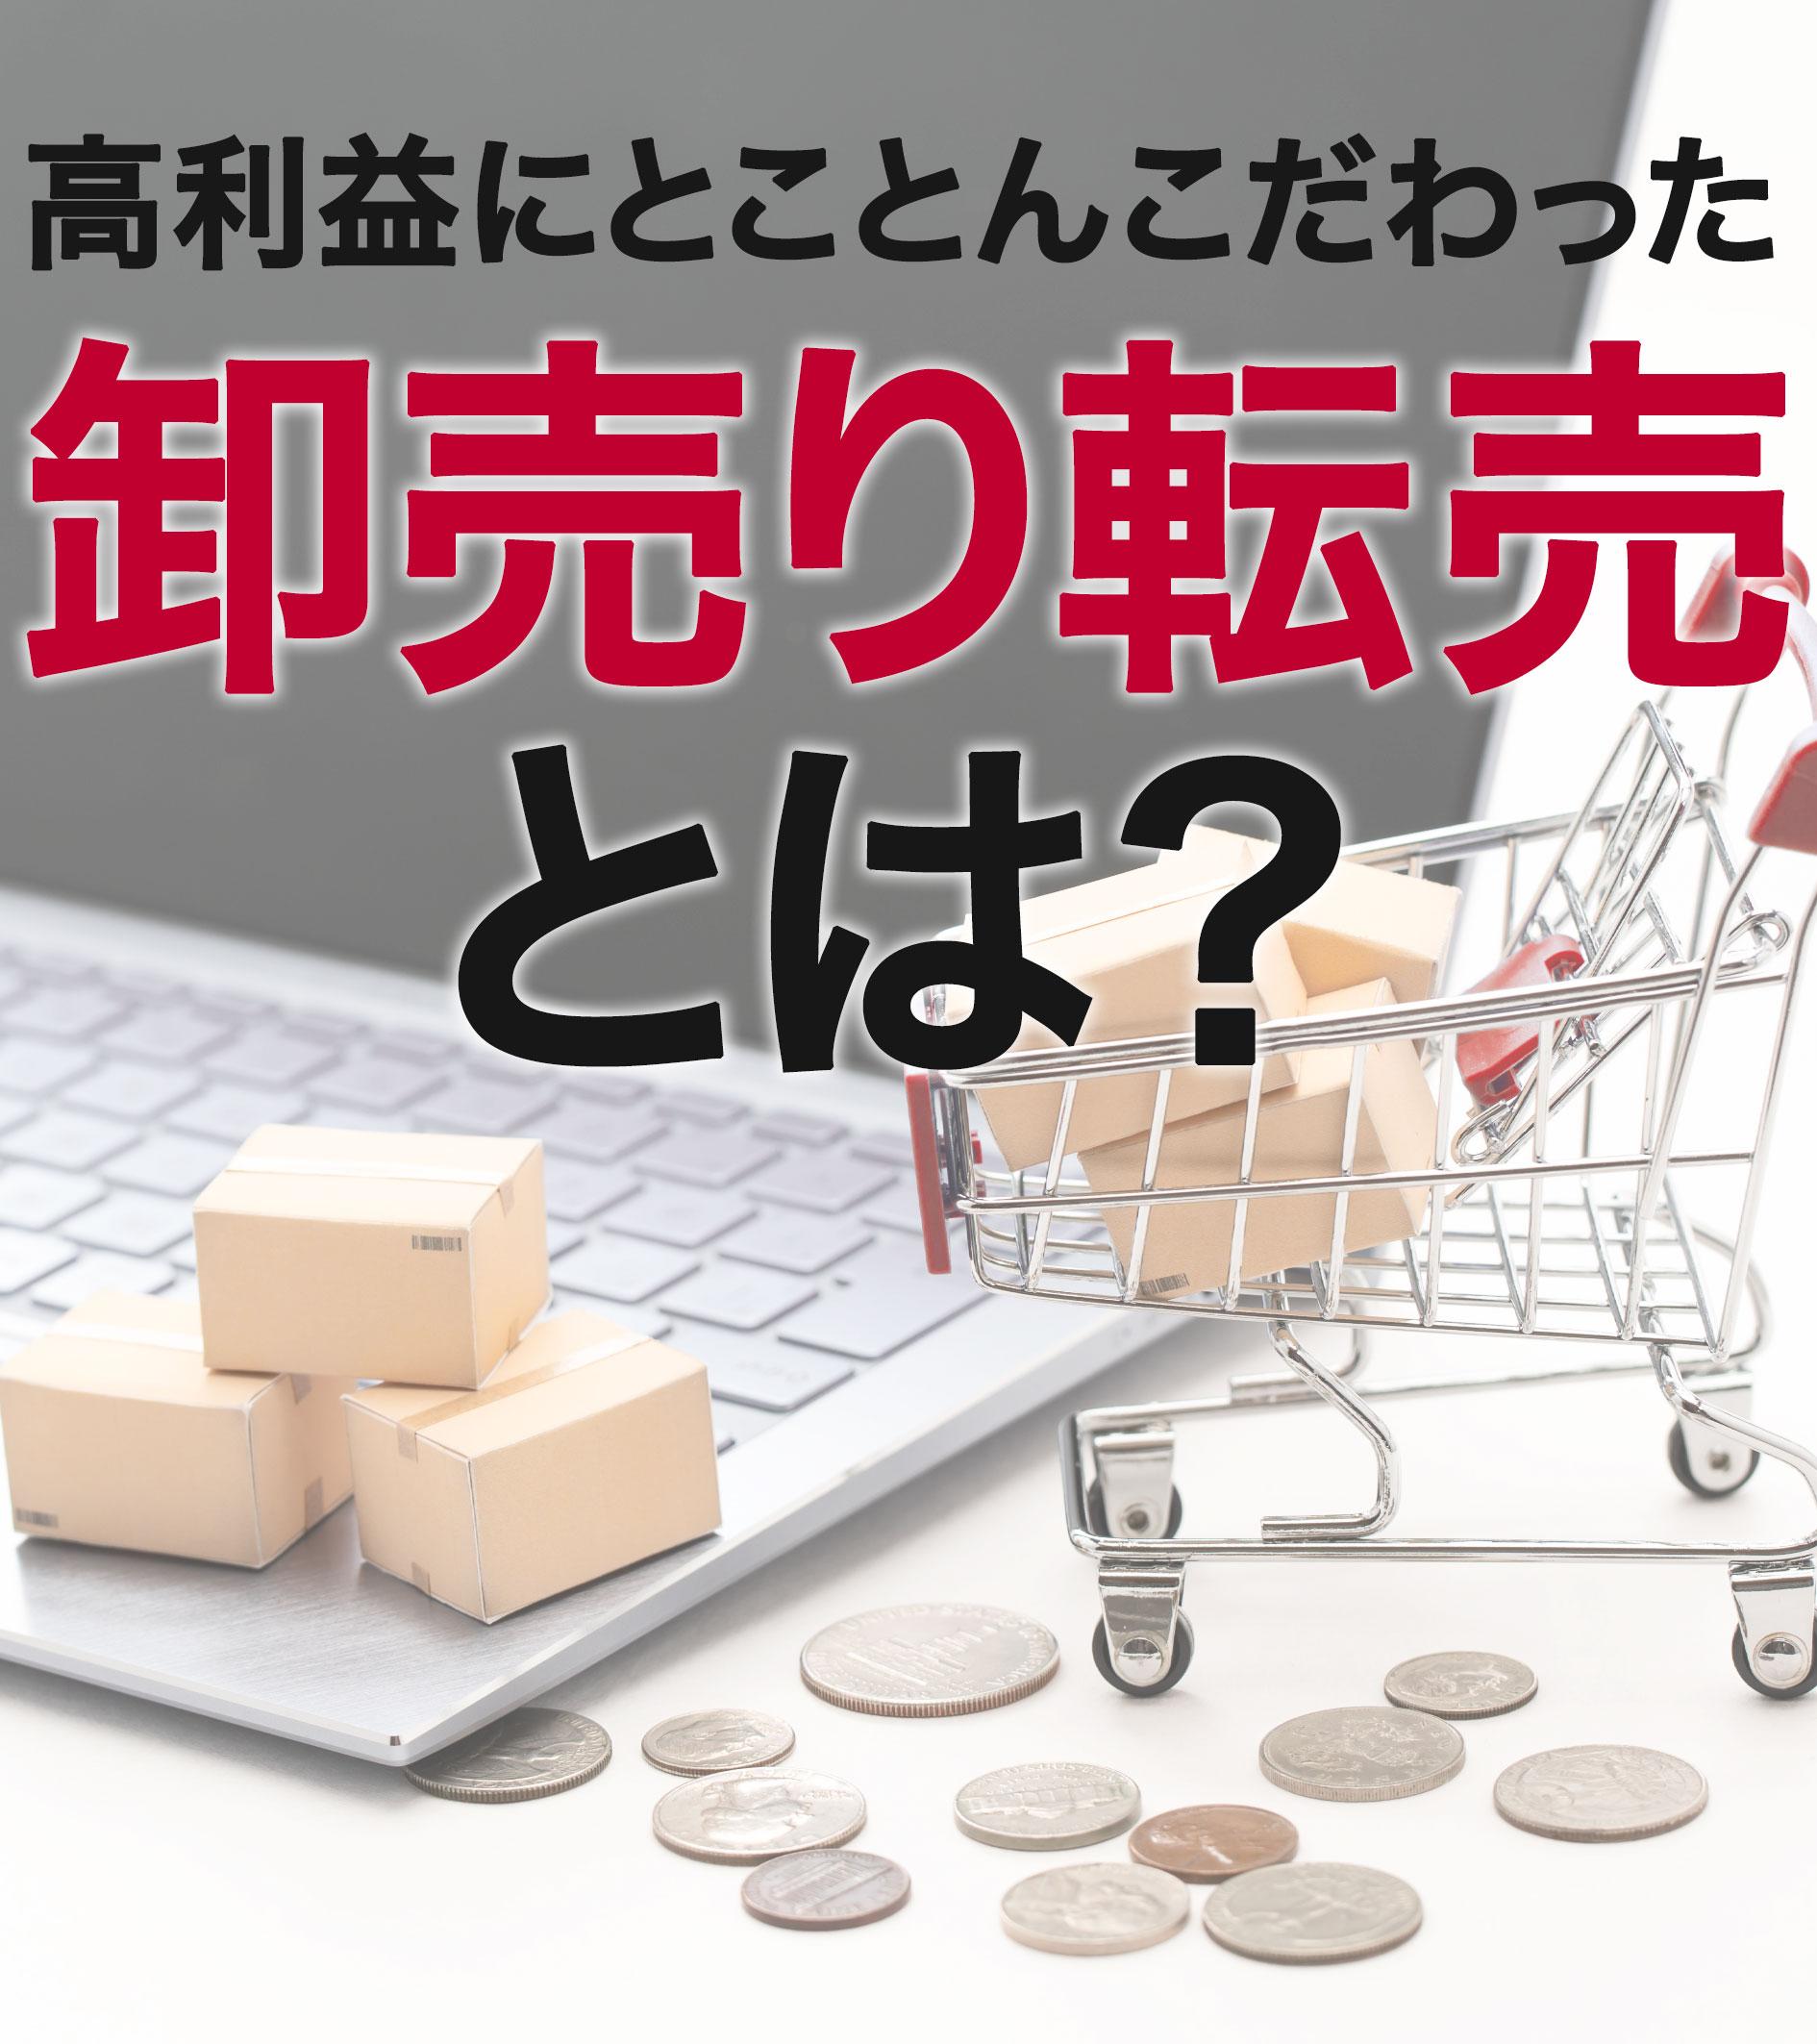 平均5000円超の利益!【卸売り転売】